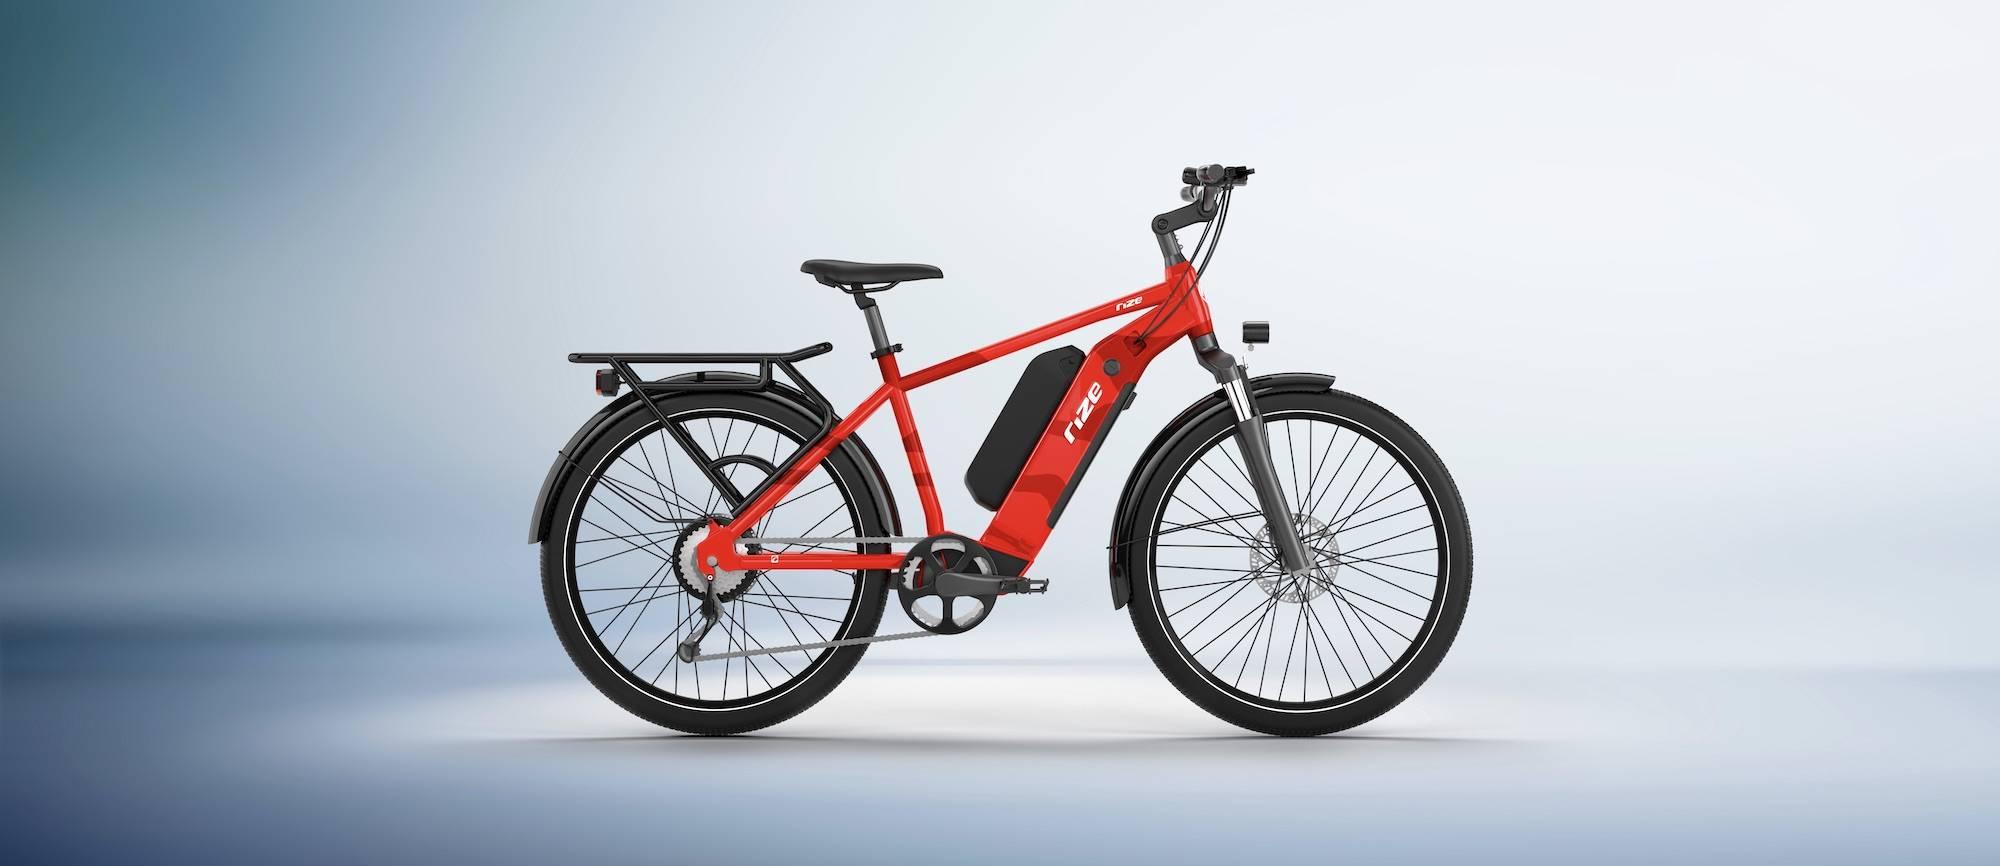 Rize Bikes